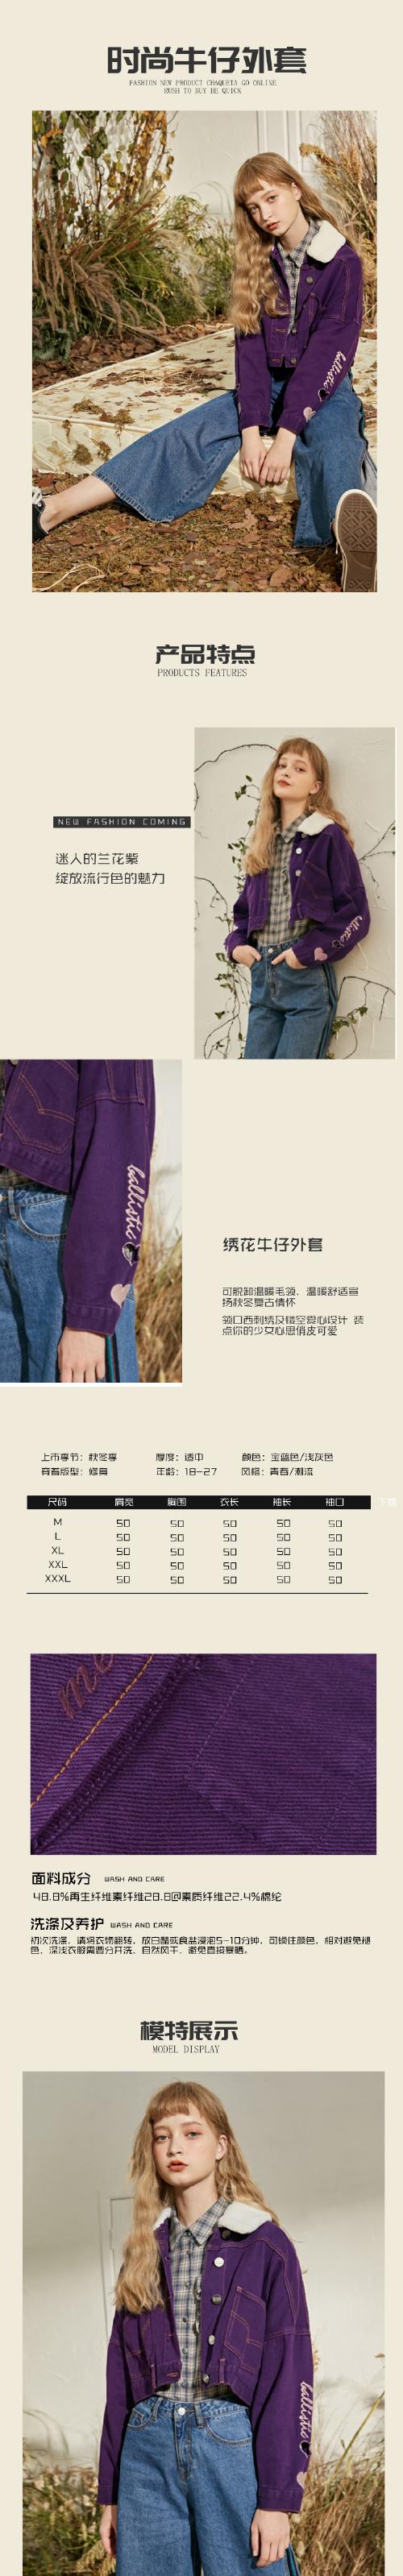 $紫色绣花牛仔外套淘宝详情页